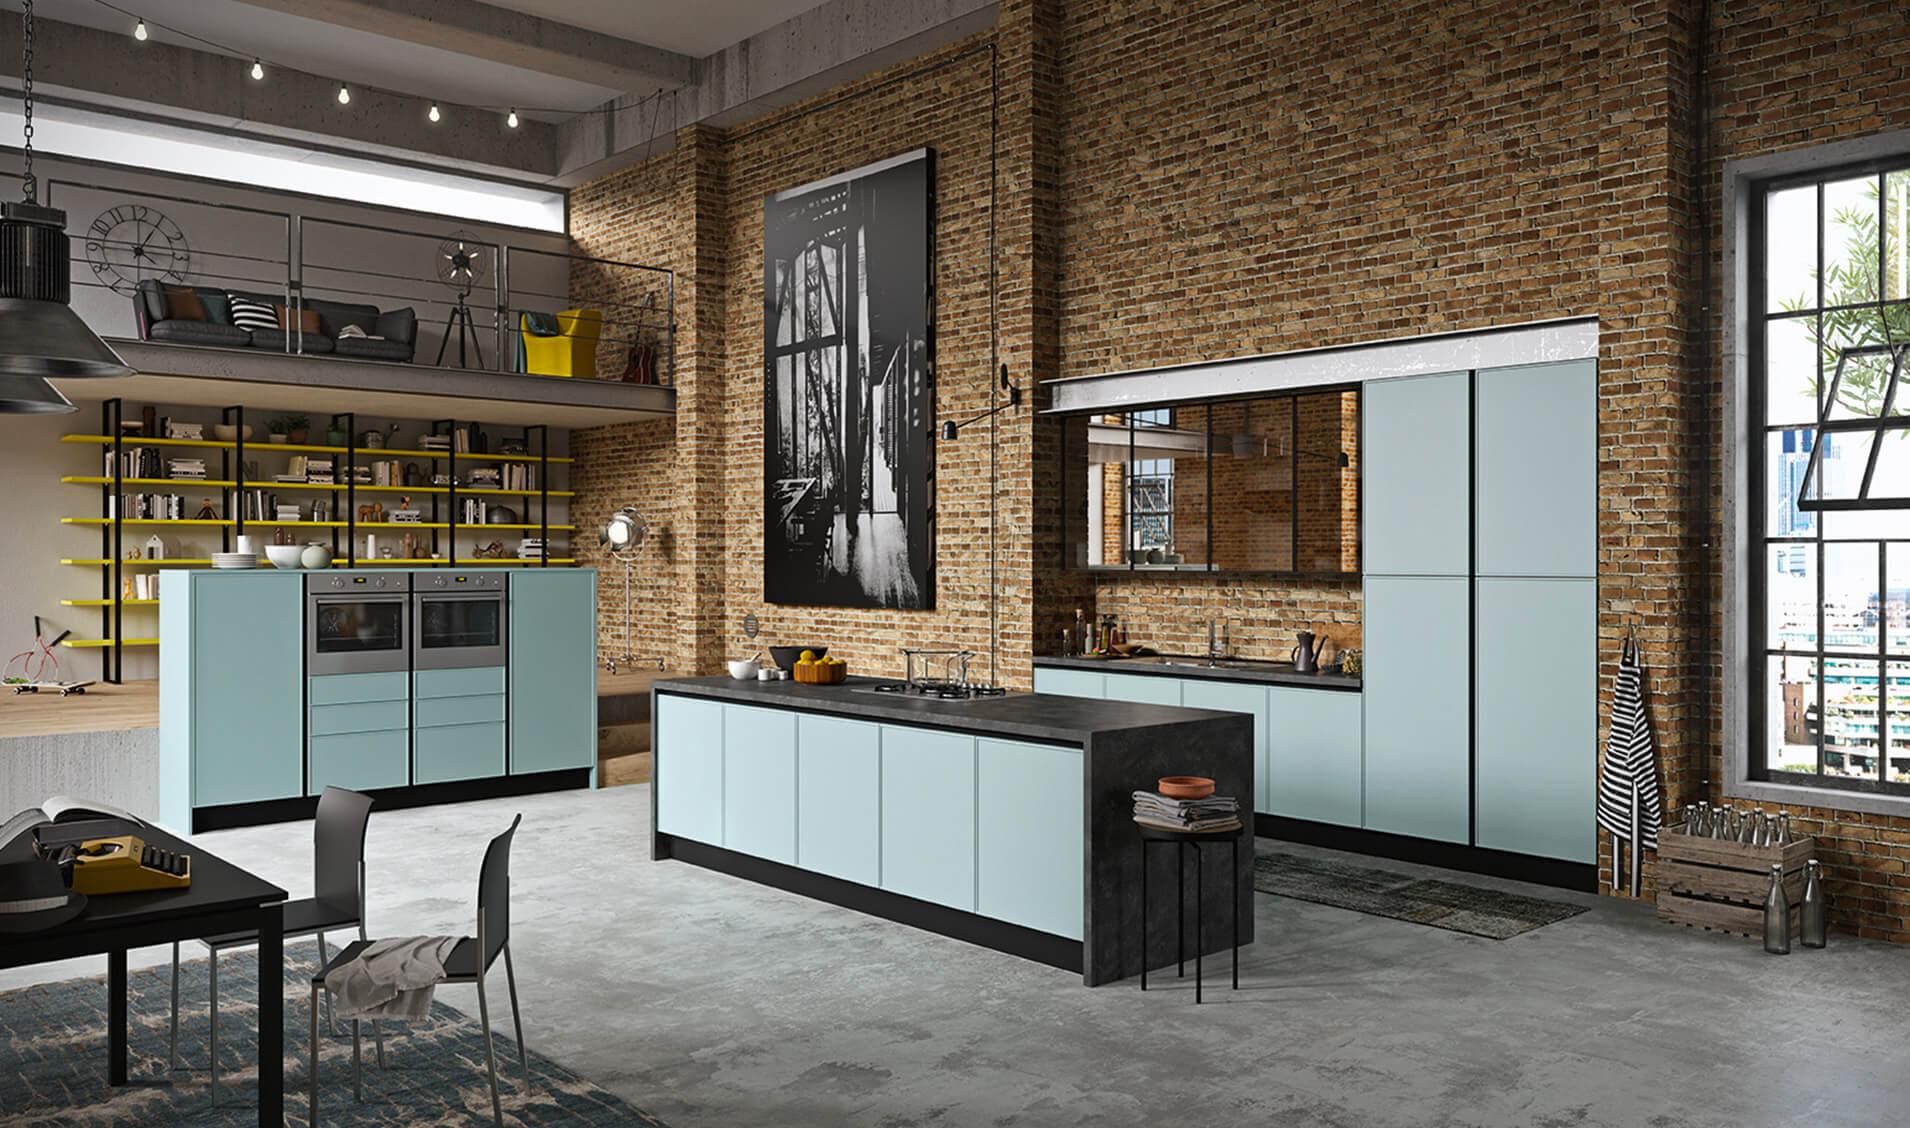 Modele quadro - meuble cuisine couleurs